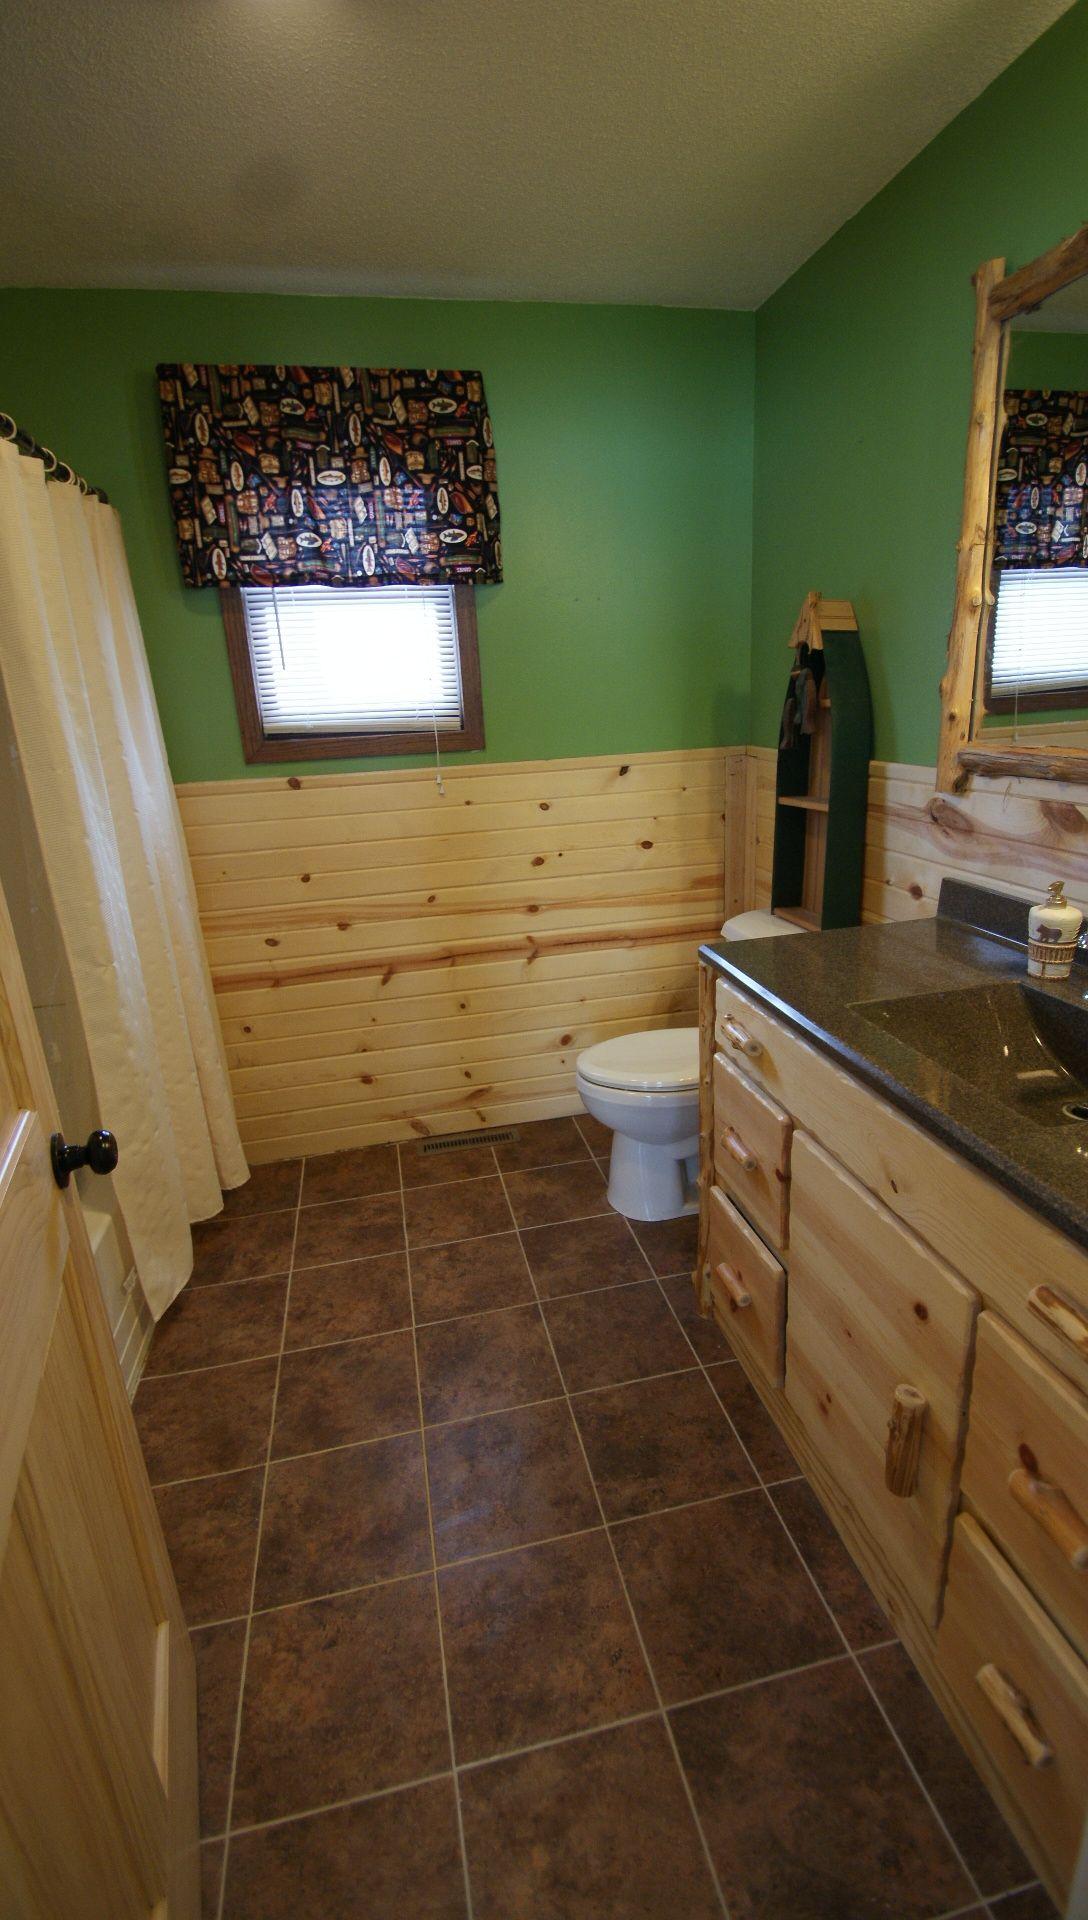 Bathroom with custom log vanity cabin vanity, tile